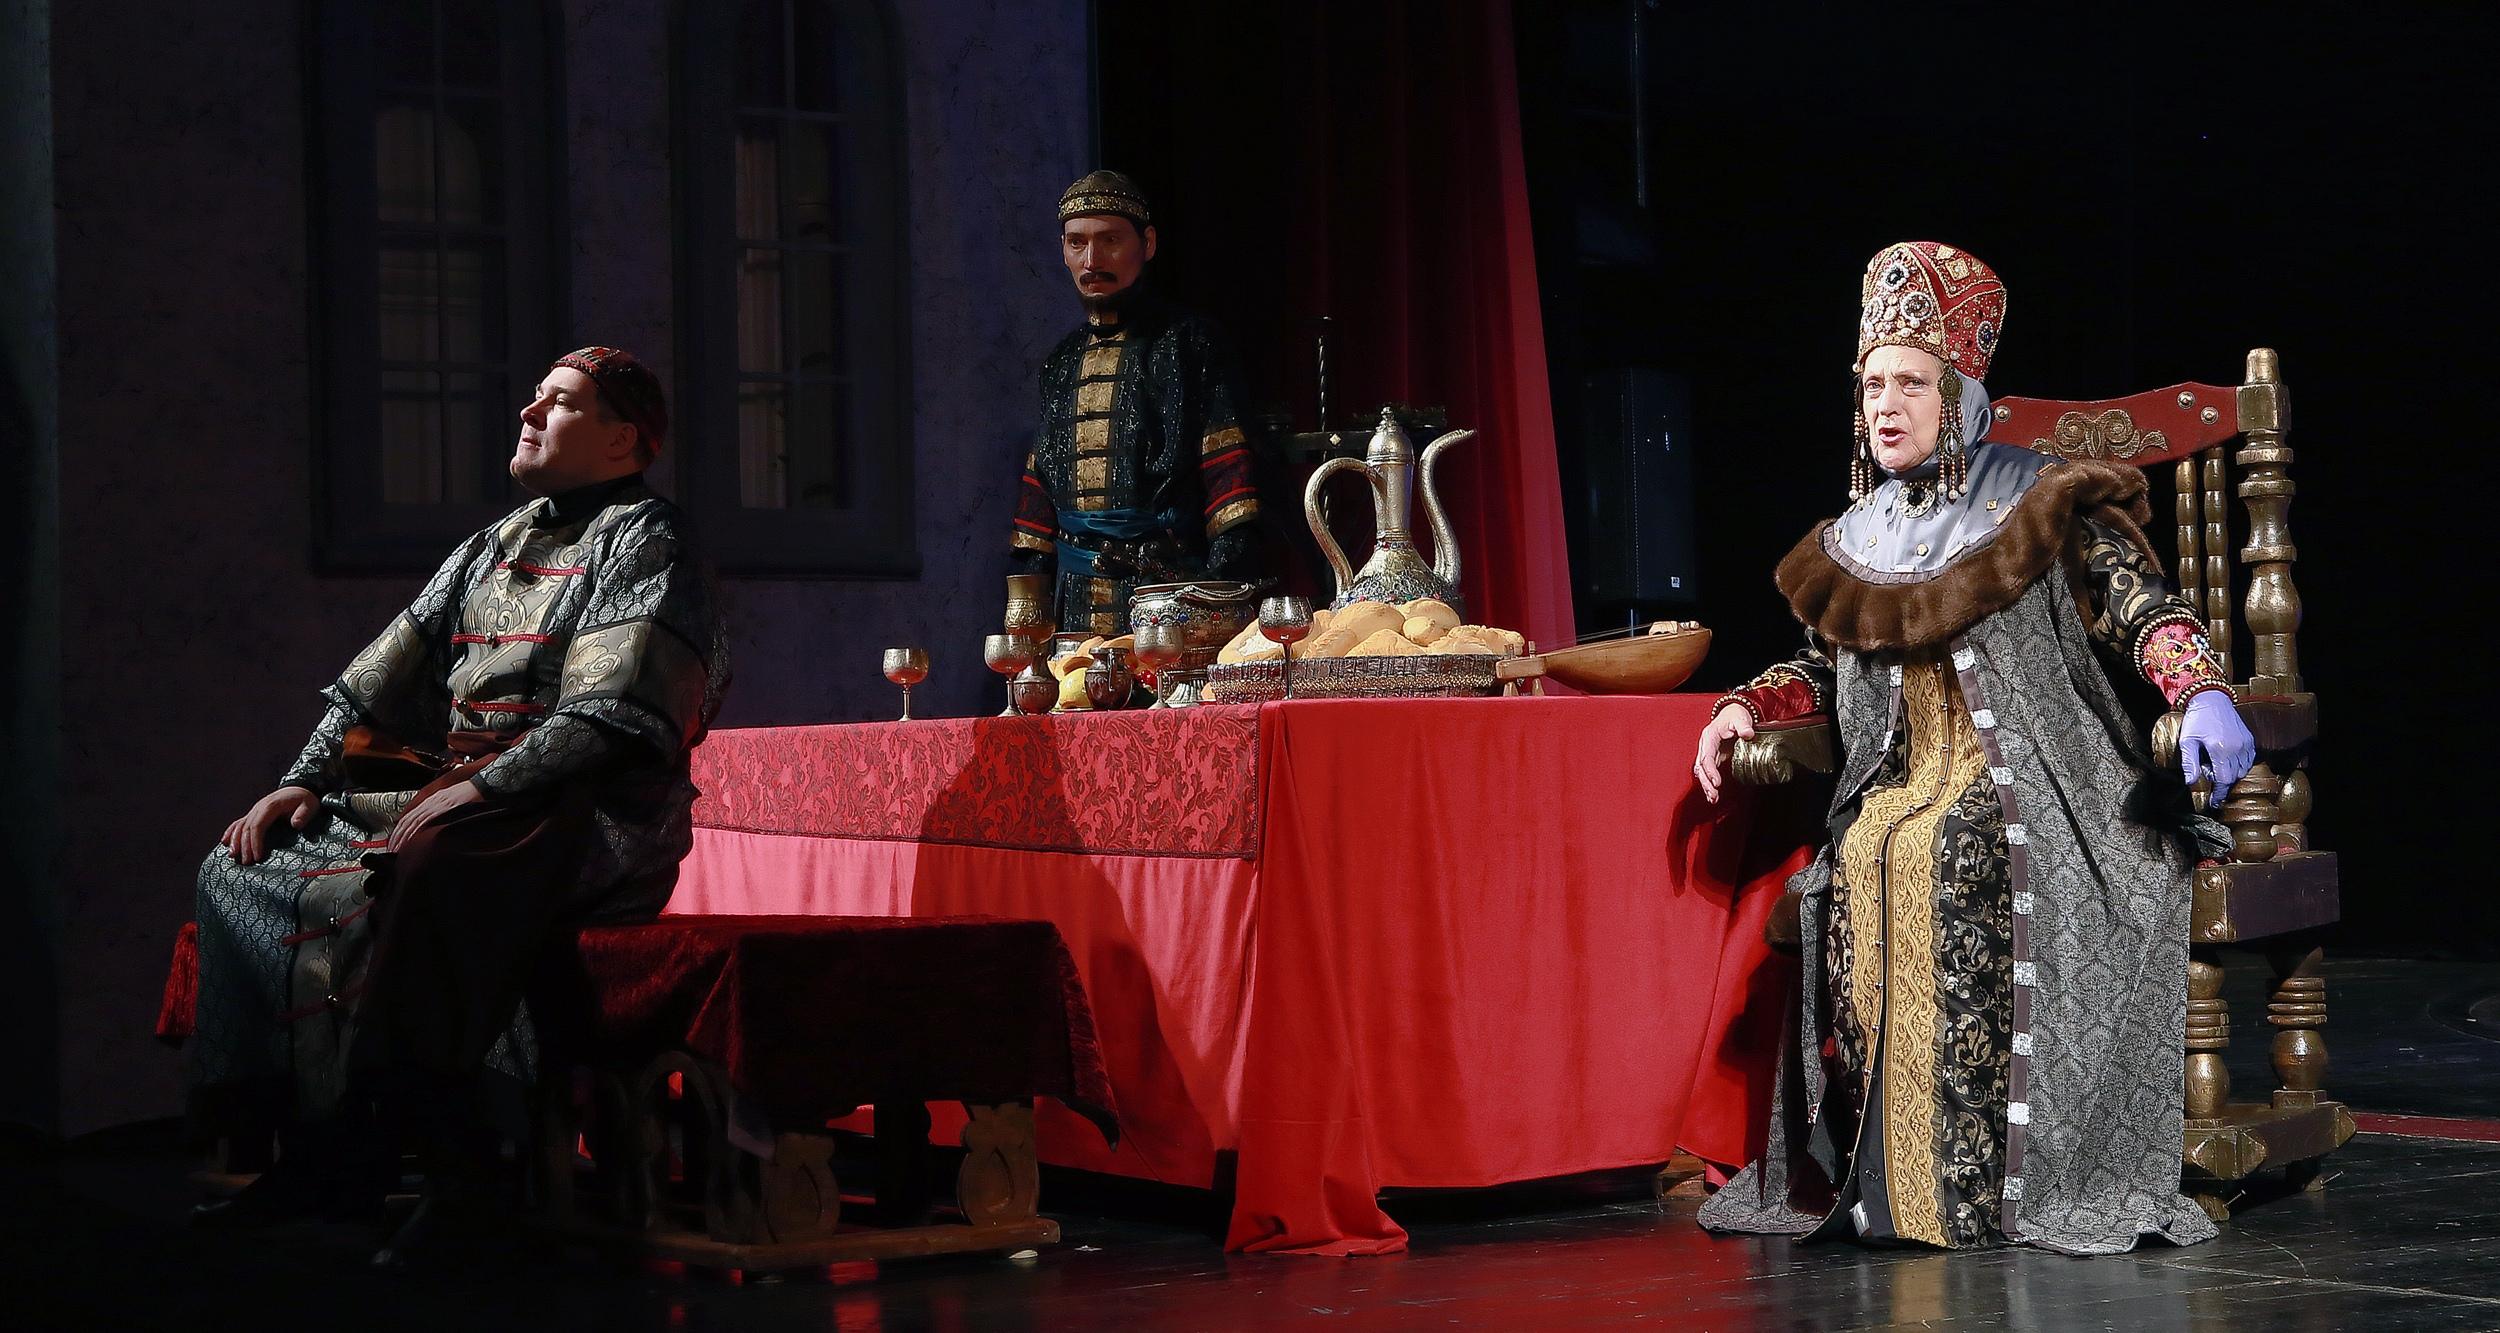 """Скоро премьера: фото с репетиции исторического спектакля """"Невольники"""" в Твери"""